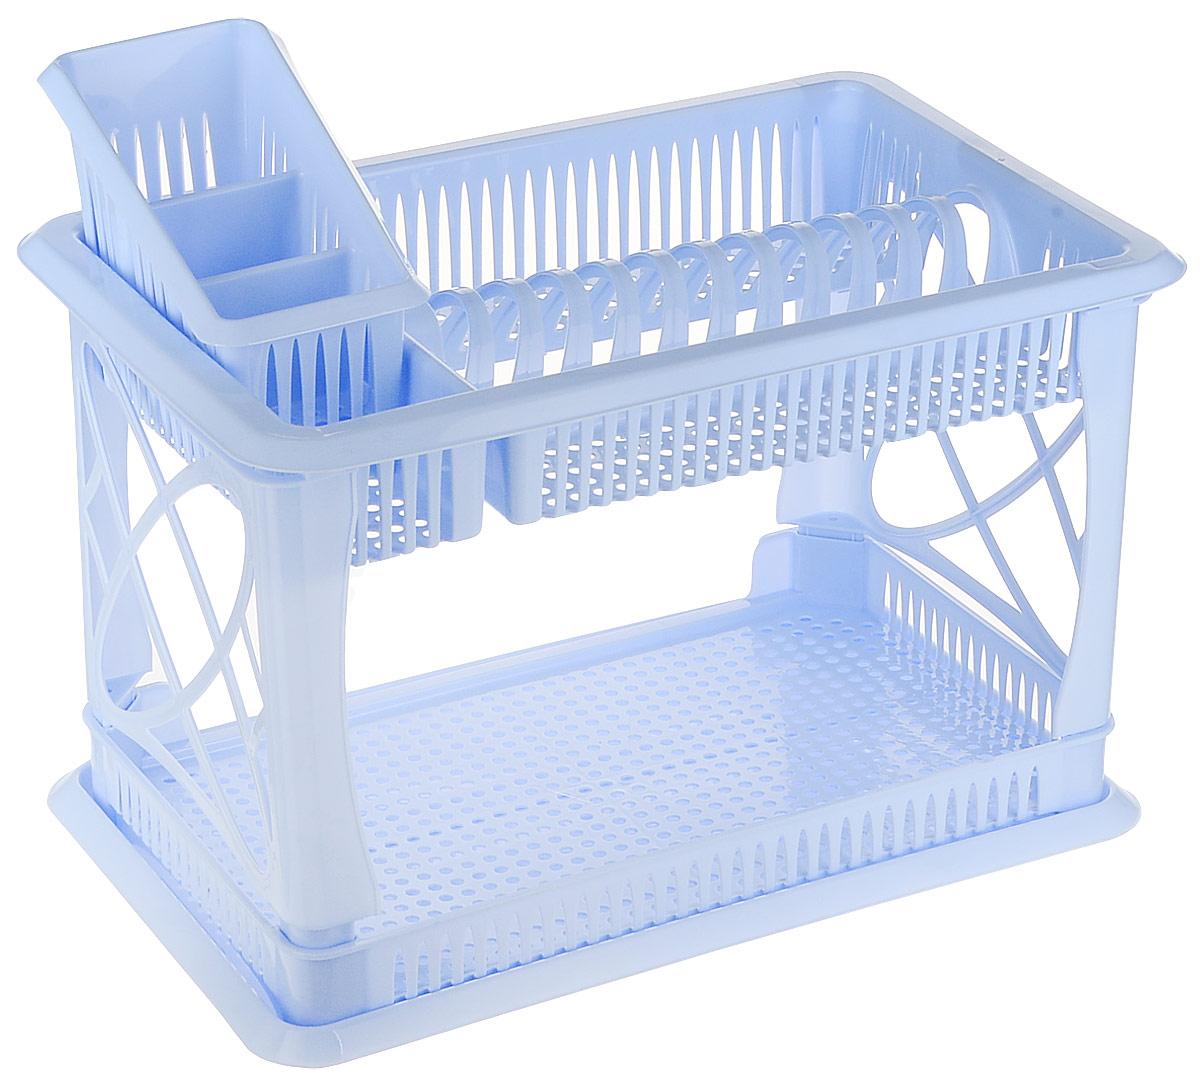 """Сушилка для посуды Plastic Centre """"Лилия"""", 2-ярусная, с поддоном, с сушилкой для столовых приборов, цвет: голубой, 49 х 17,5 х 32,5 см"""